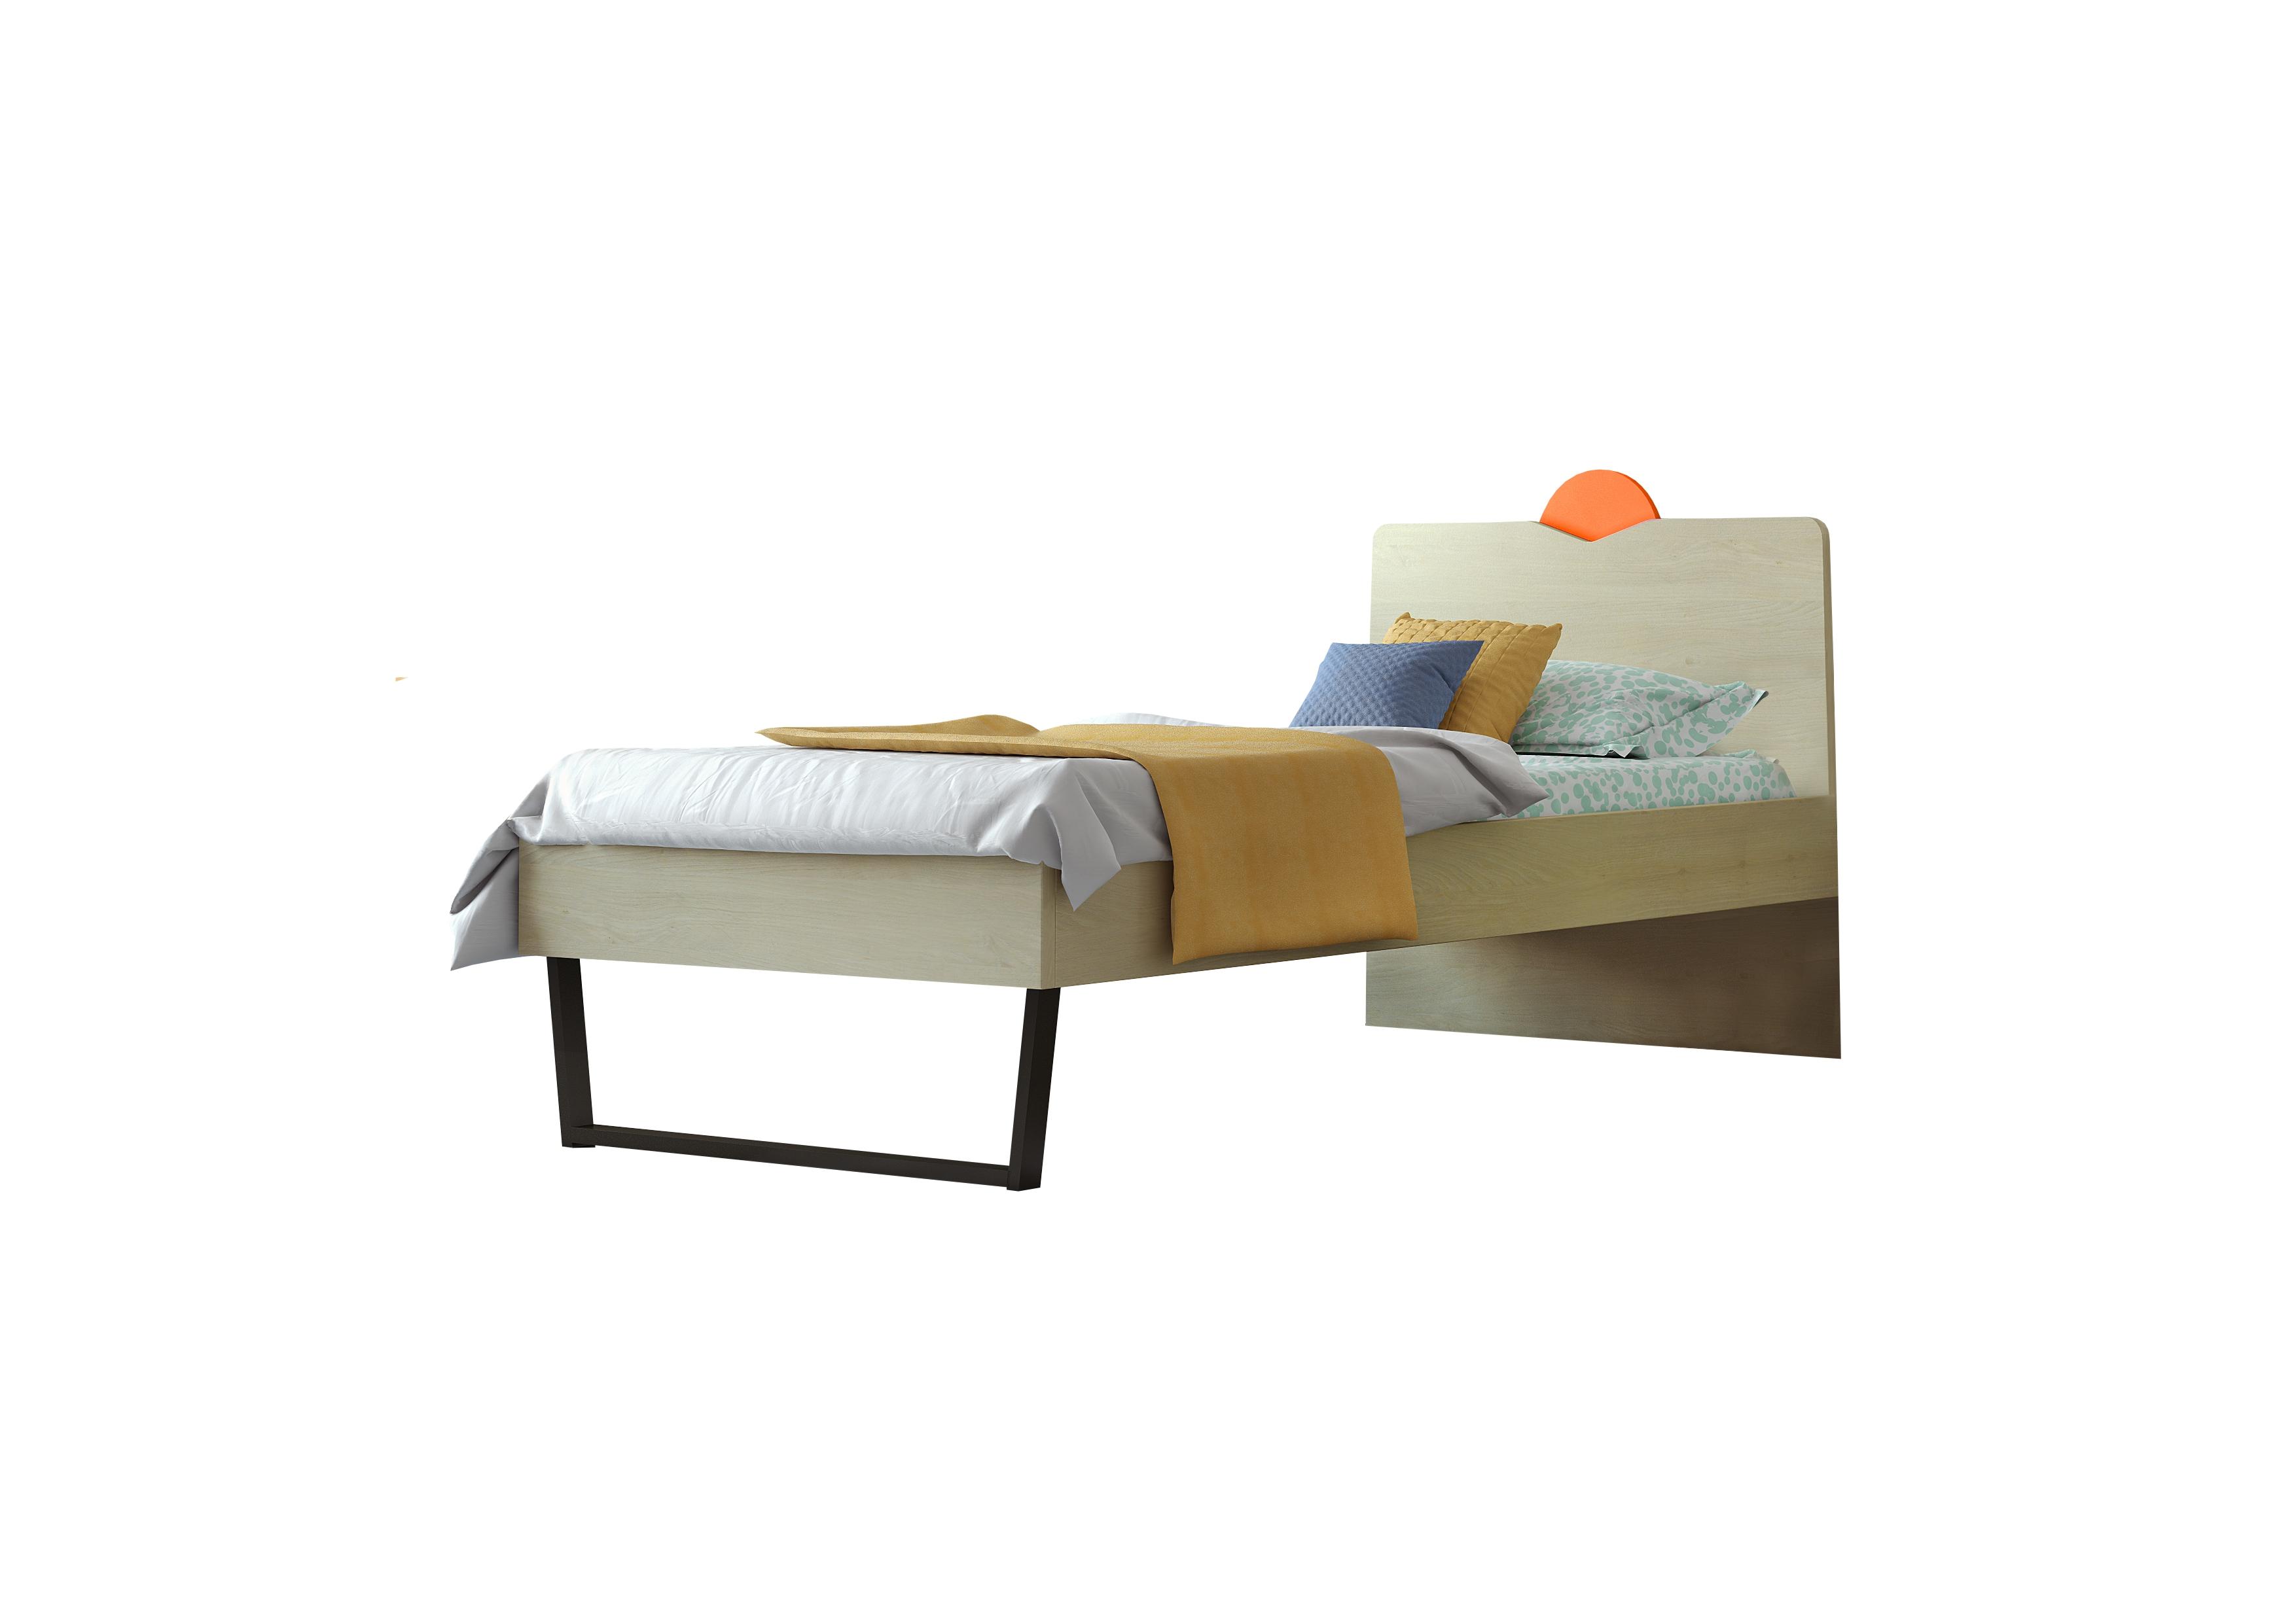 """Παιδικό κρεβάτι """"ΑΝΑΤΟΛΗ"""" ημίδιπλο σε χρώμα δρυς-κόκκινο 110x190"""